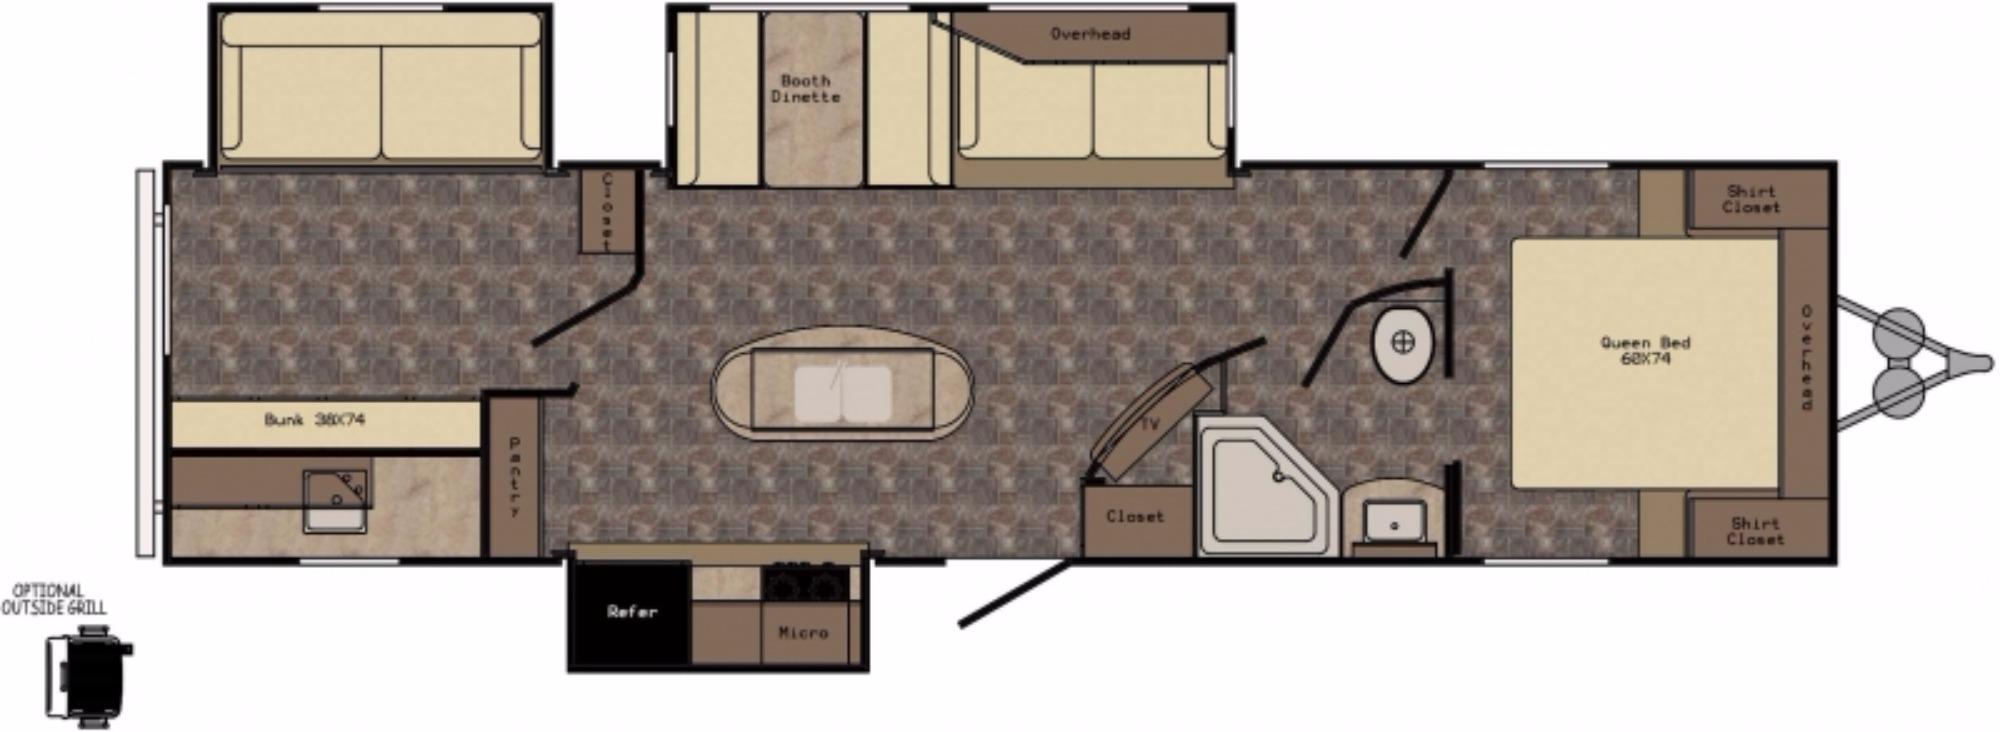 View Floor Plan for 2017 CROSSROADS ZINGER 33BH